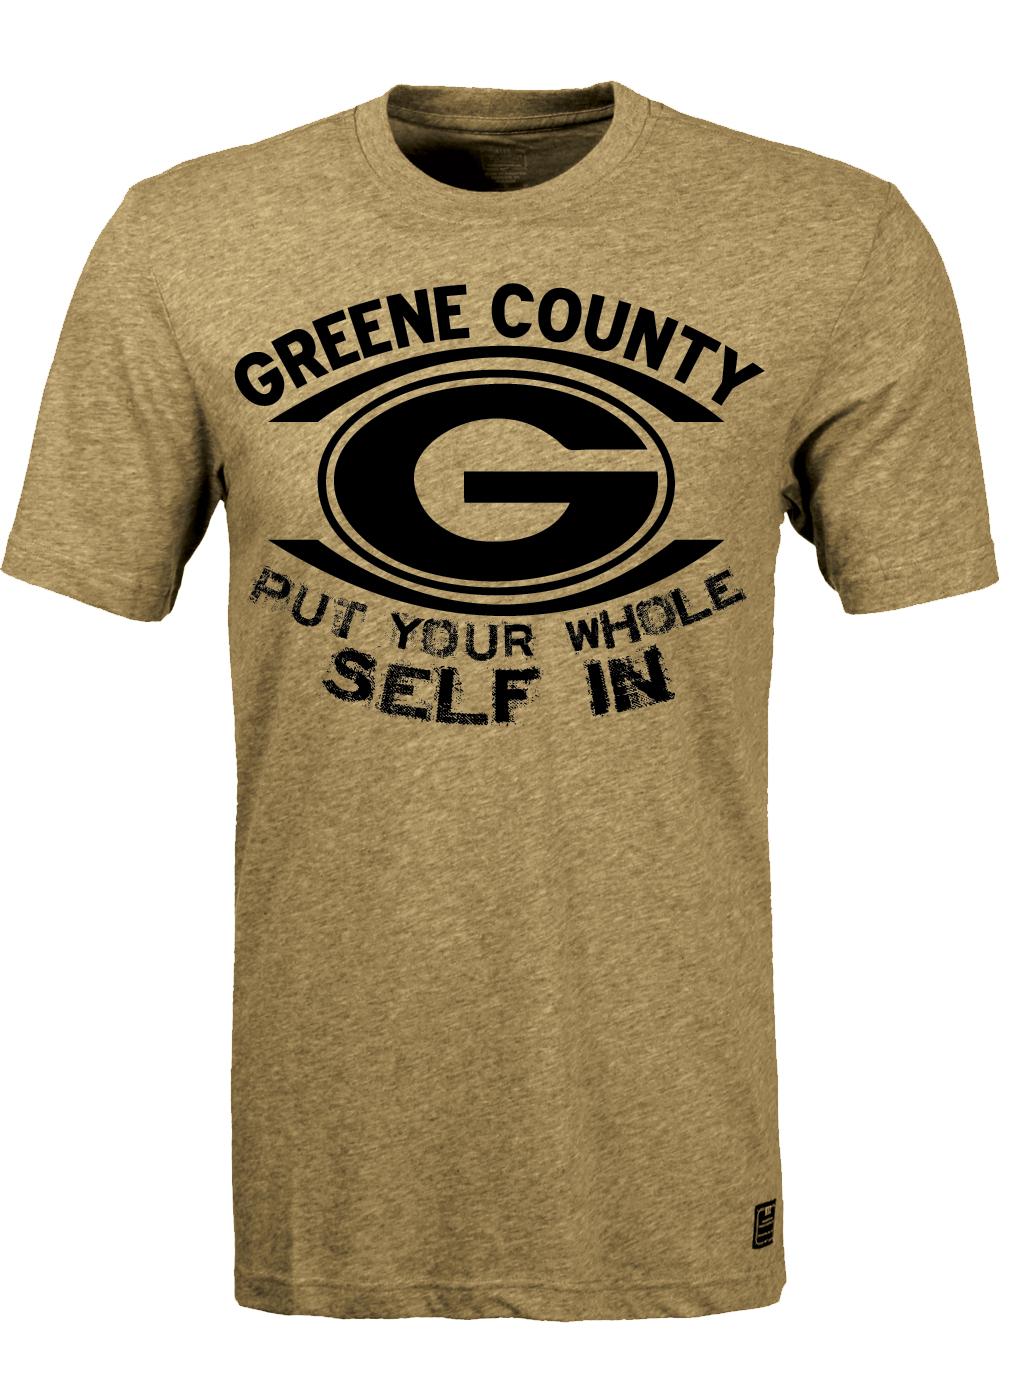 Football-GreeneCounty-Wick-Vegas-Shirt2.jpg